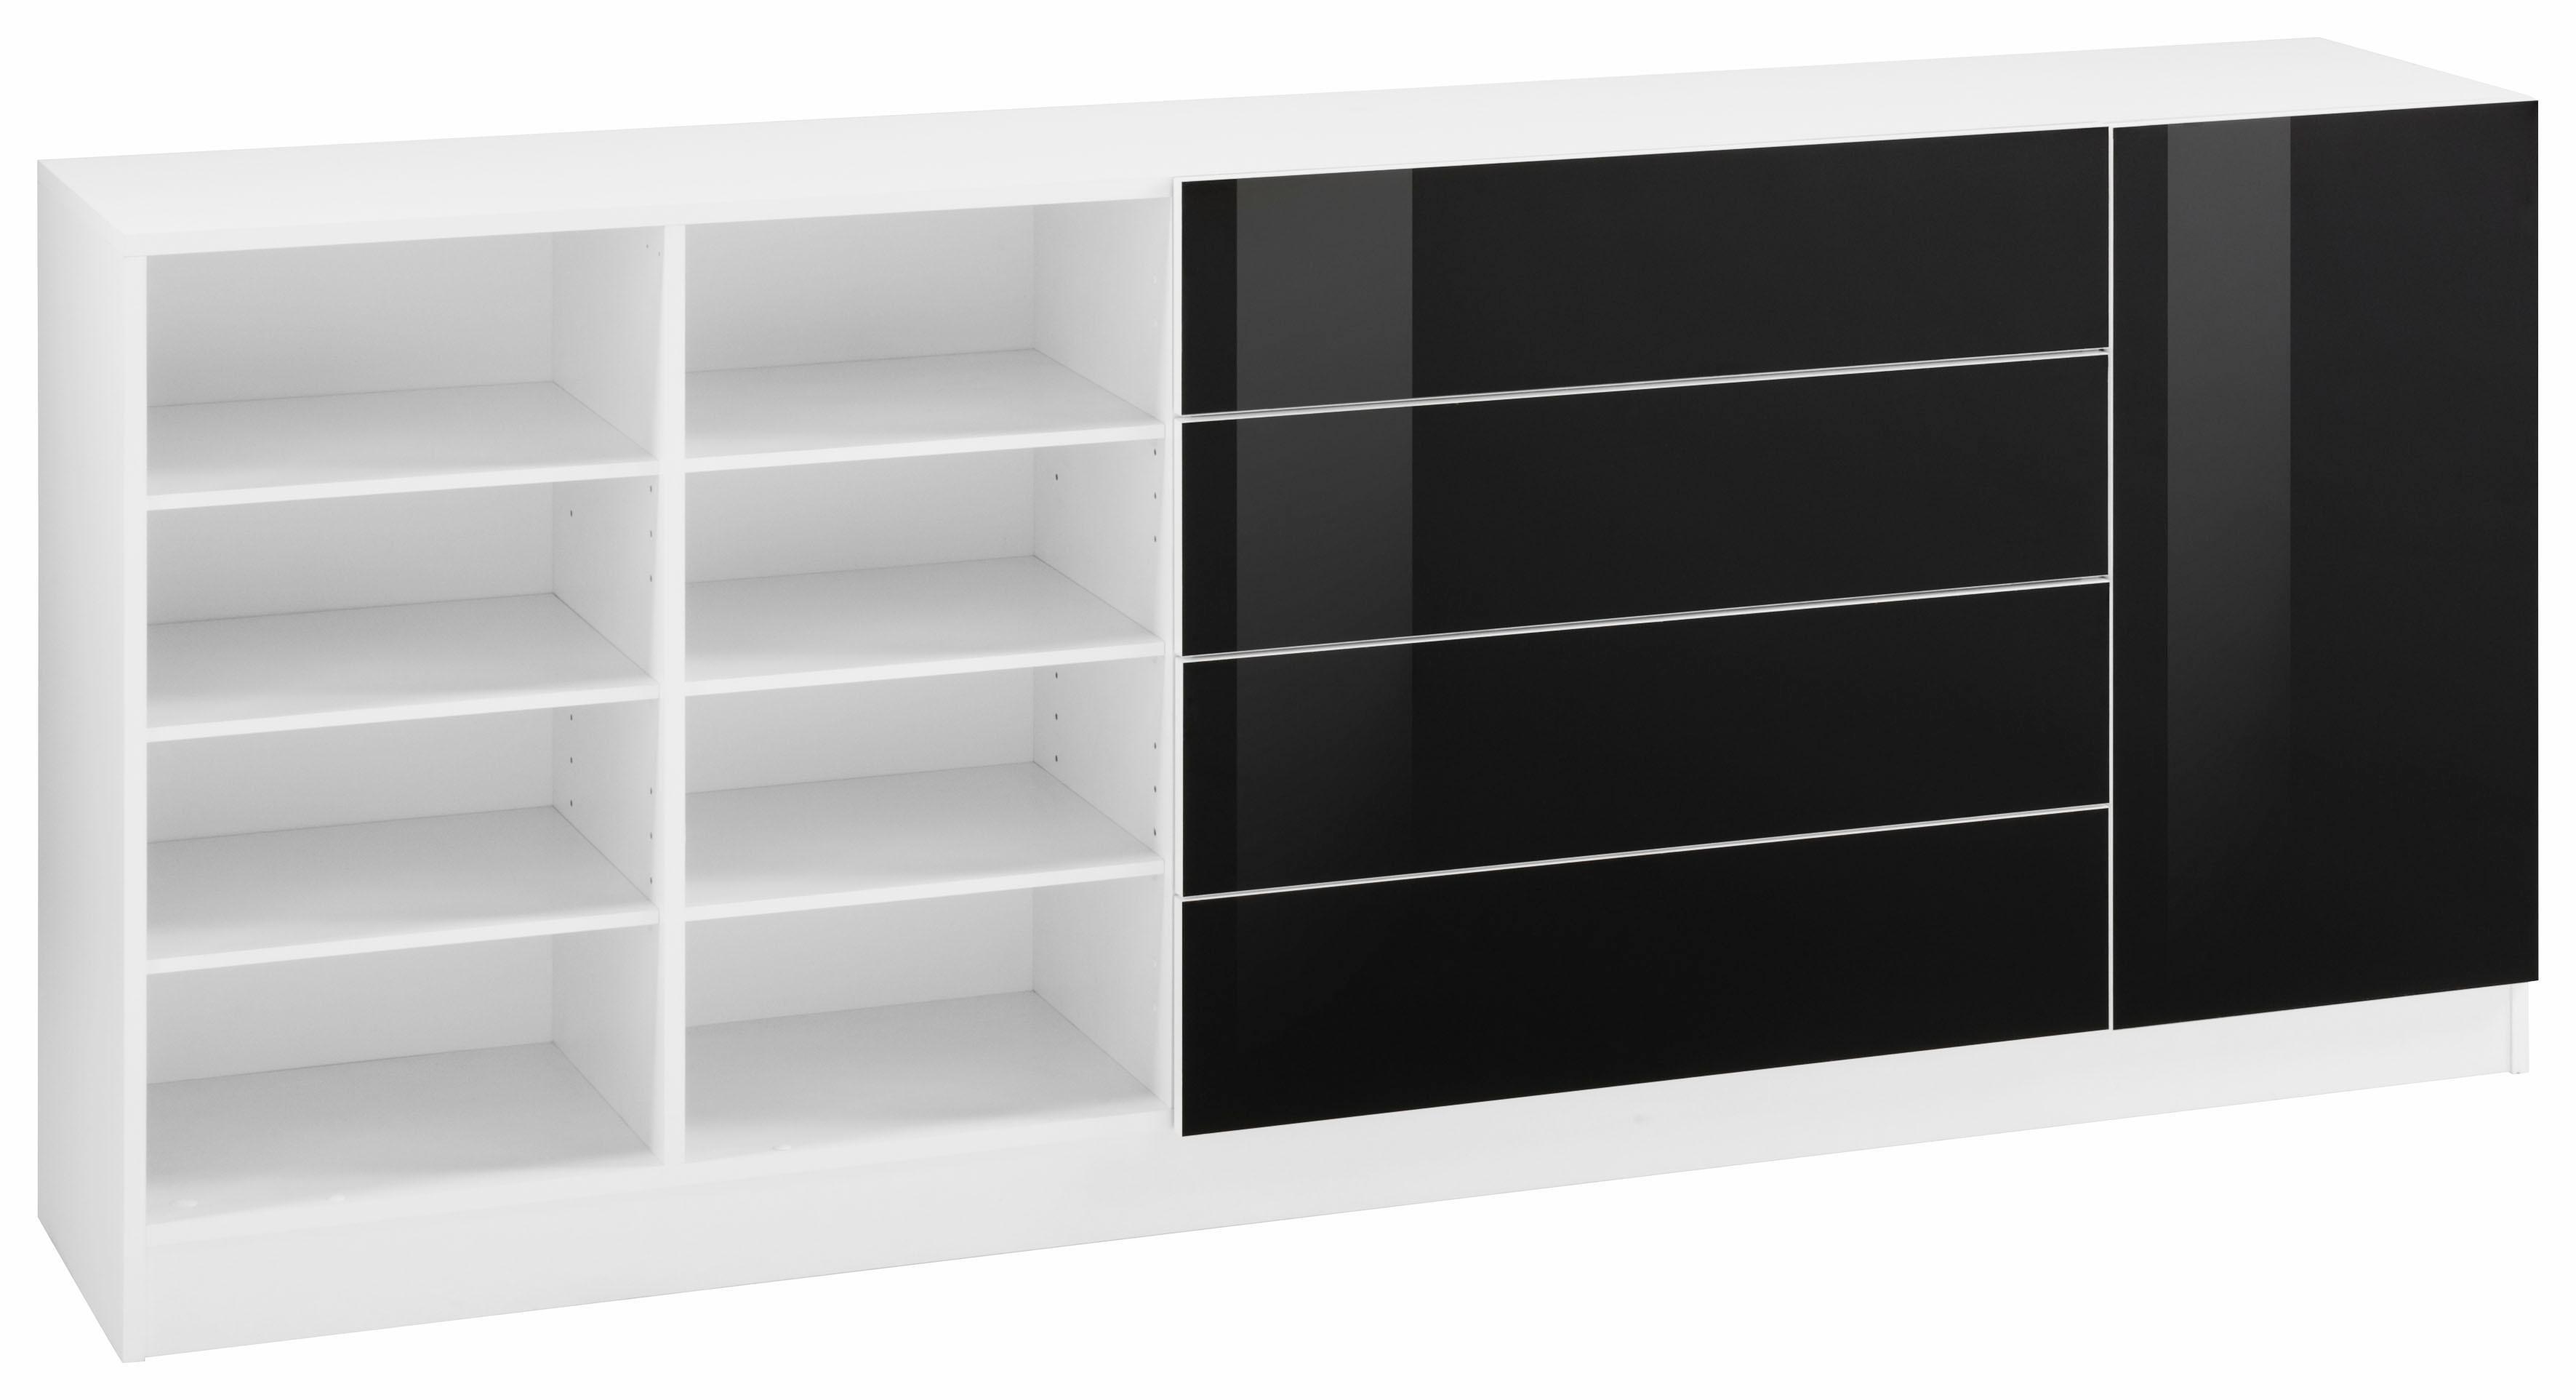 Borchardt Möbel Kommode »Tore«, Breite 190 cm | Wohnzimmer > Schränke > Kommoden | Weiß - Matt - Schwarz - Glanz | Melamin | borchardt Möbel